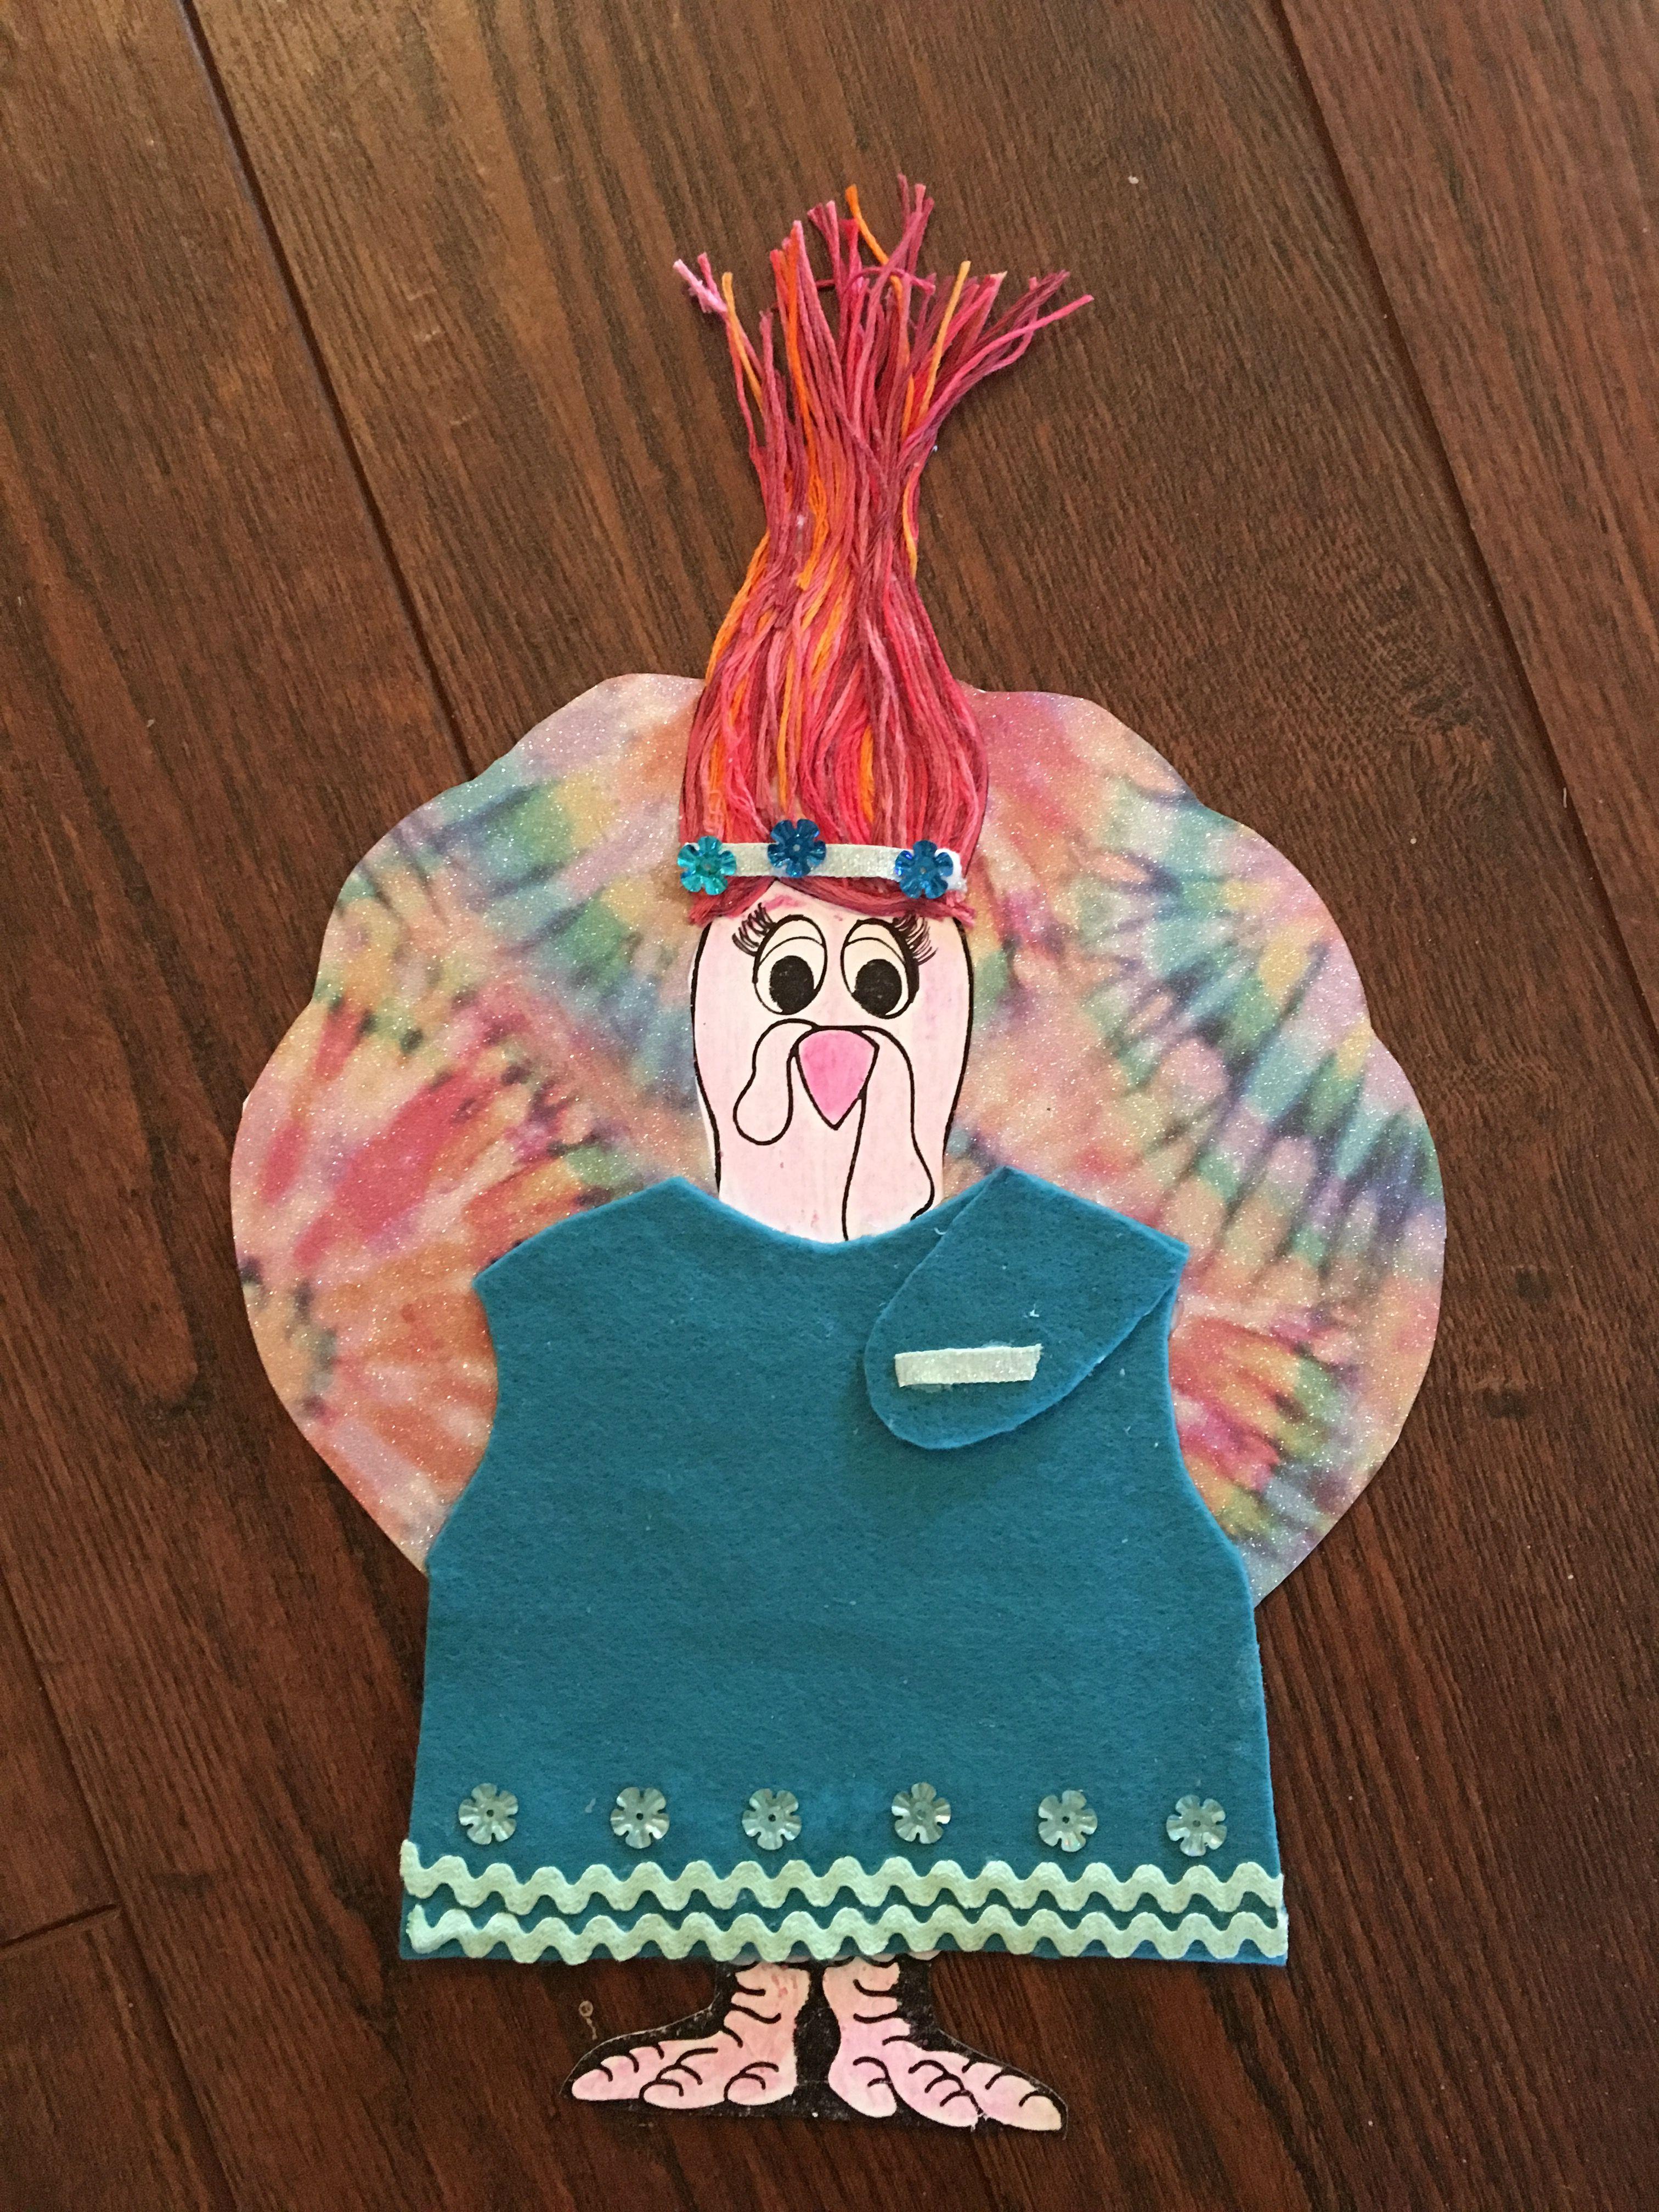 Turkey in Disguise. Poppy from Trolls! | November | Pinterest